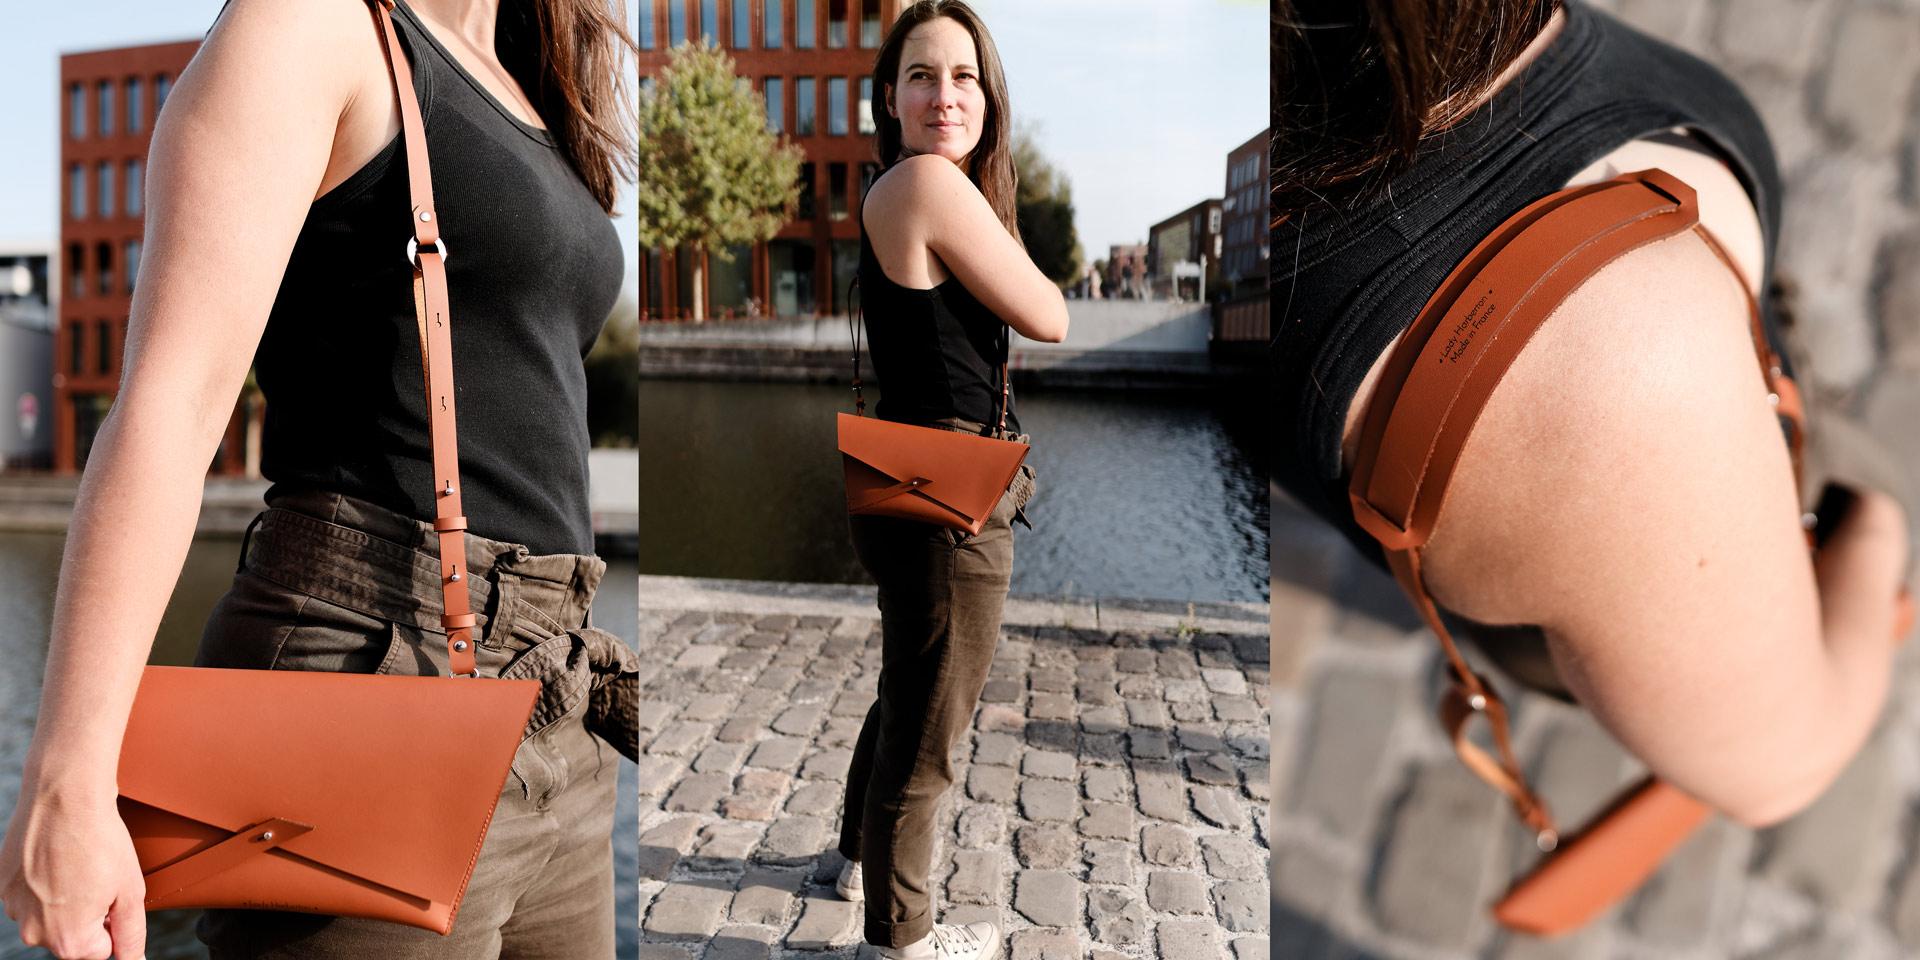 Pochette Lady Harberton sac bandoulière en cuir minimaliste fabriqué en France